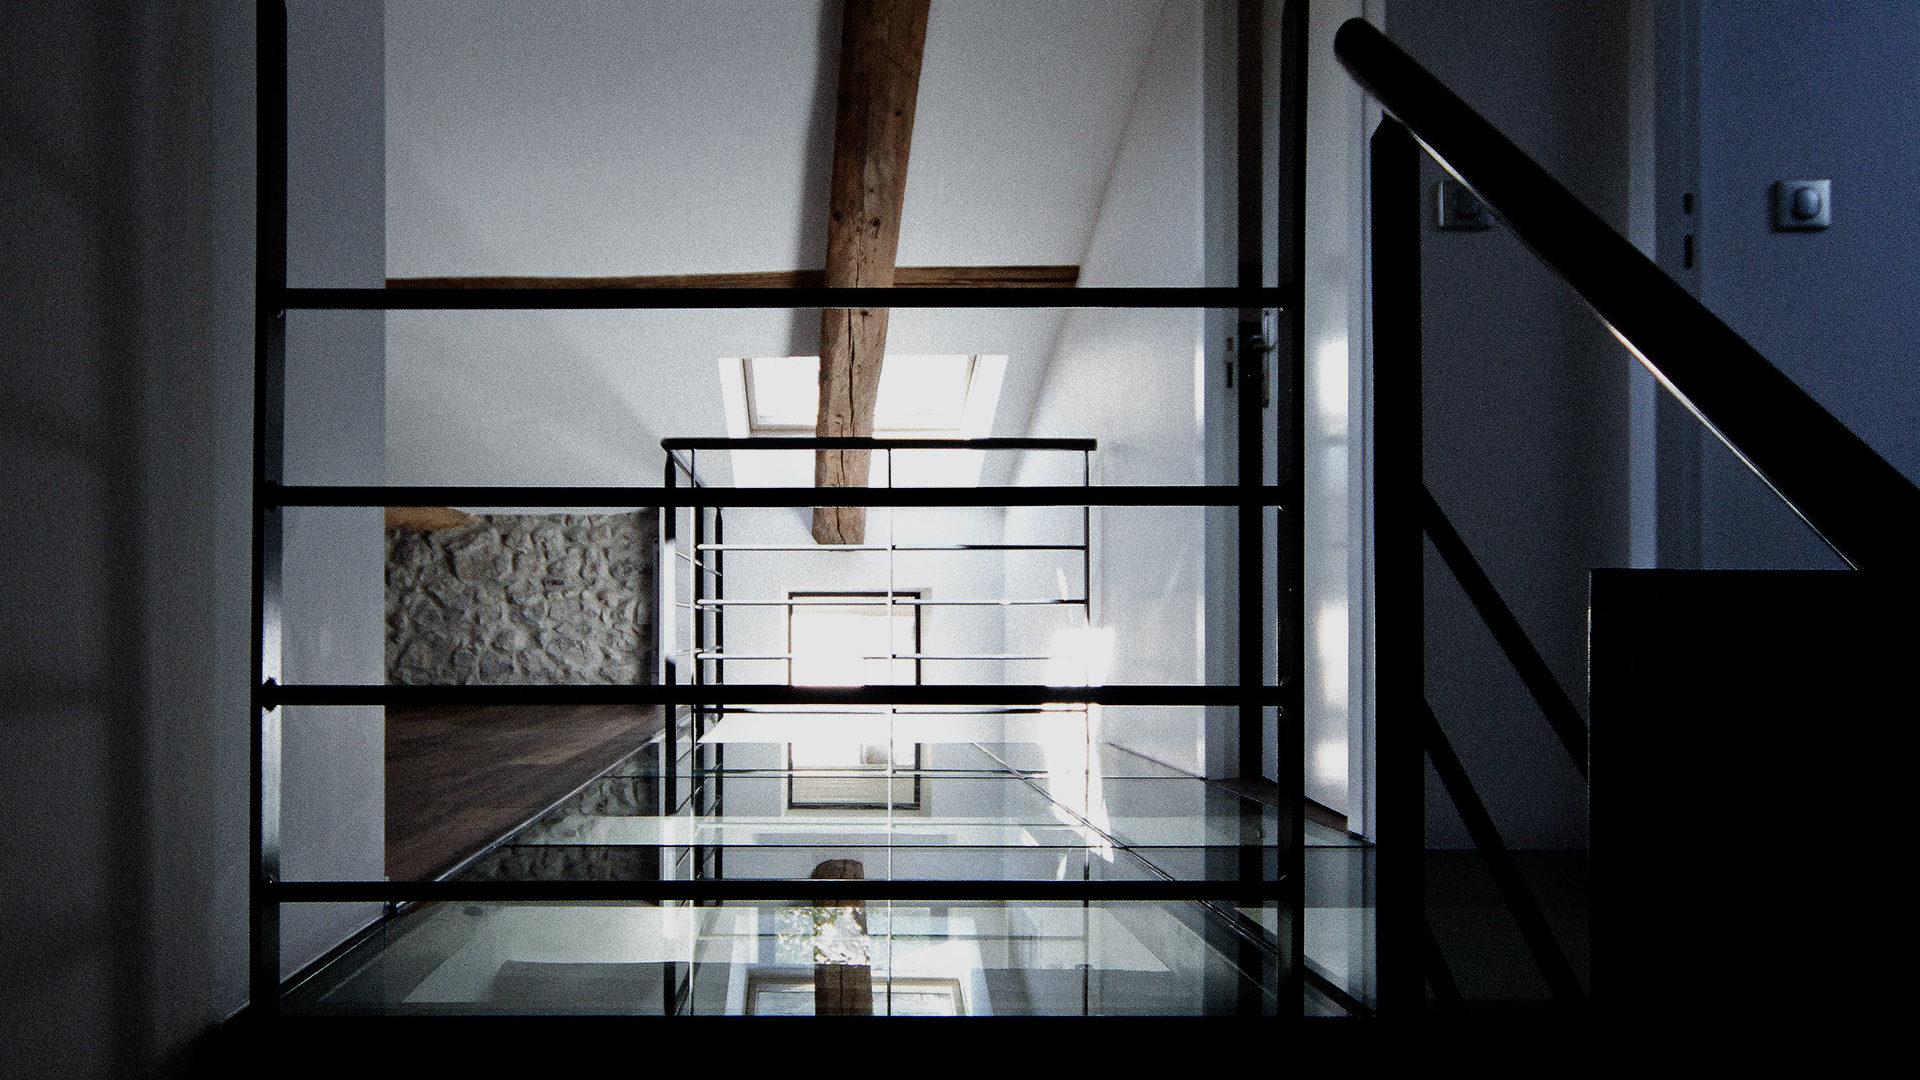 Réalisation d'architecture d'intérieur dans la maison Art et déco